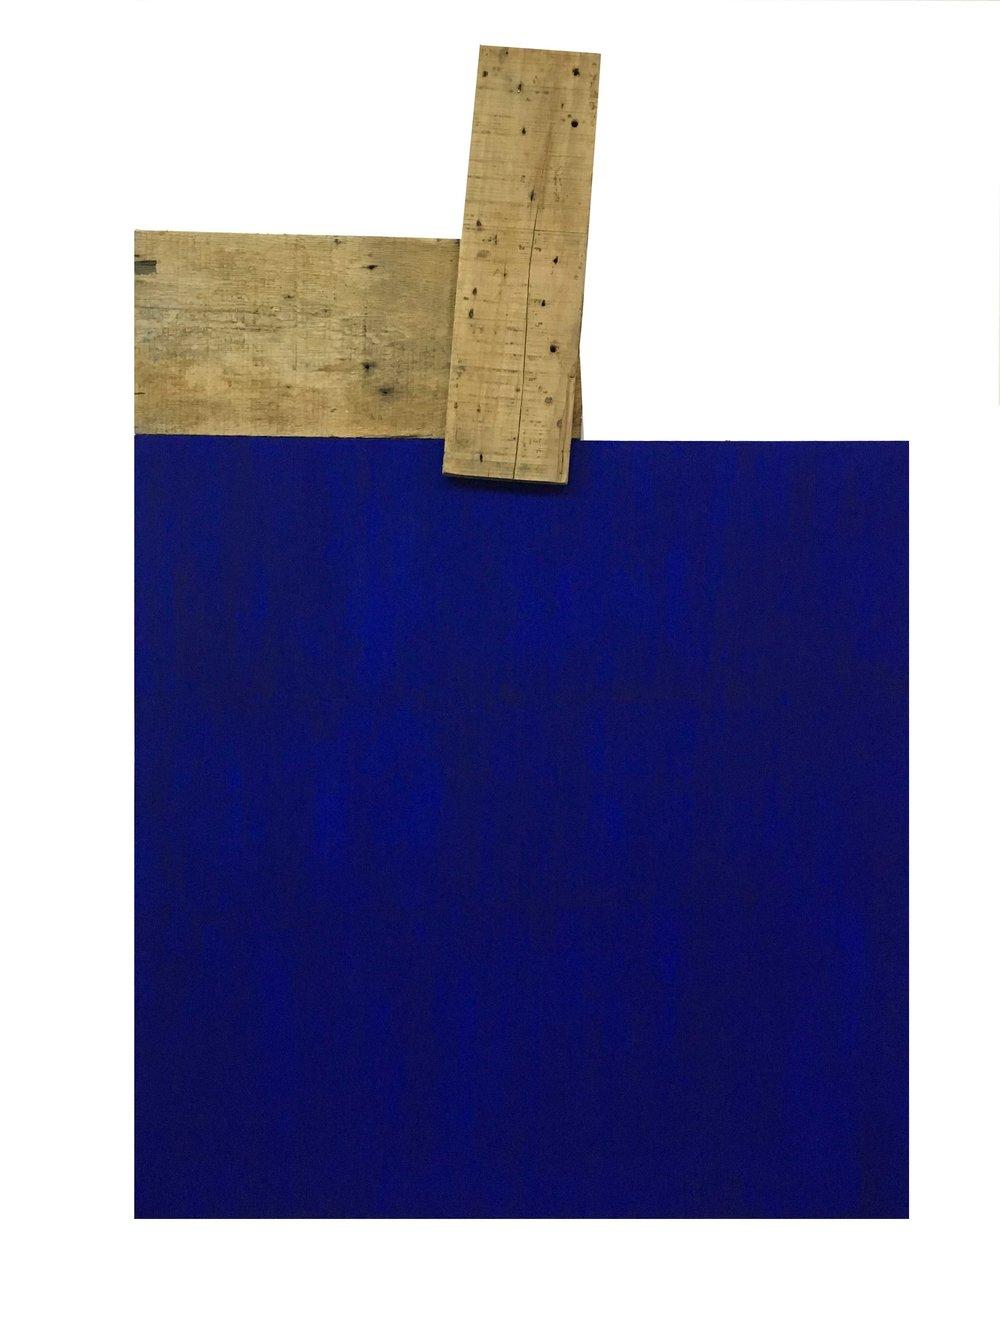 #13, 120 x 80 cms